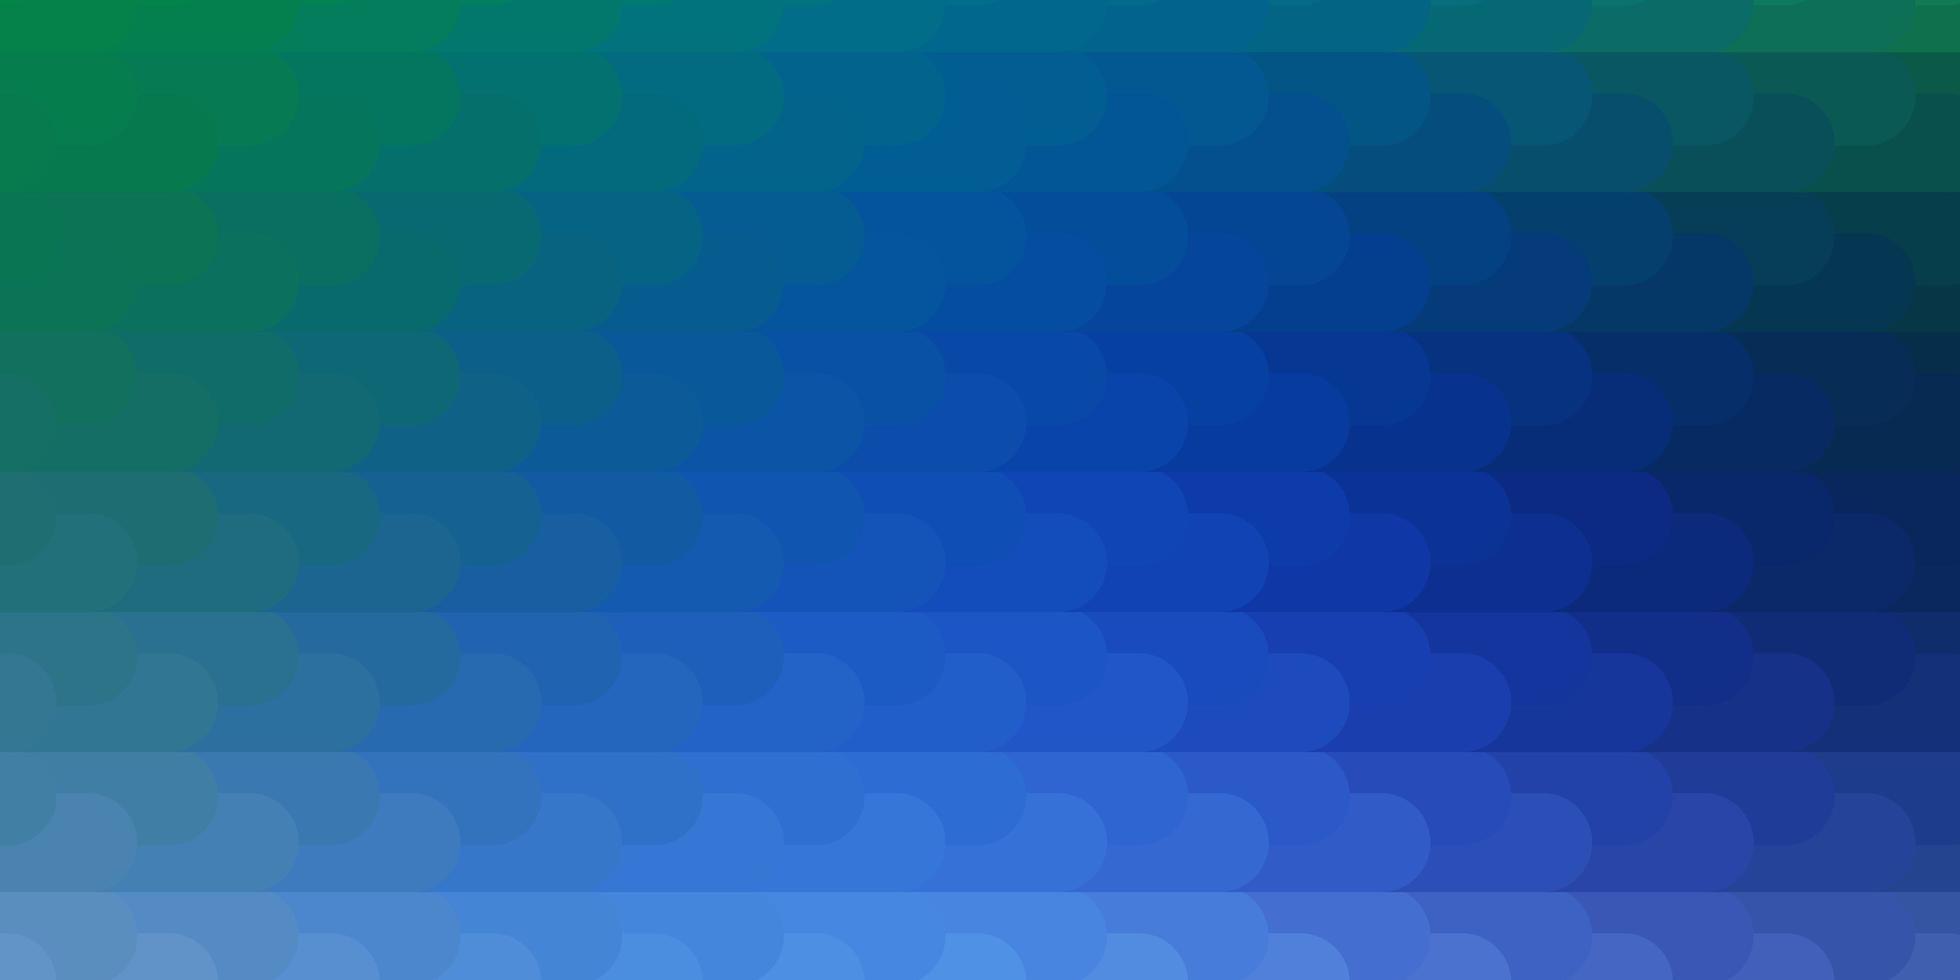 layout de vetor azul e verde claro com linhas.